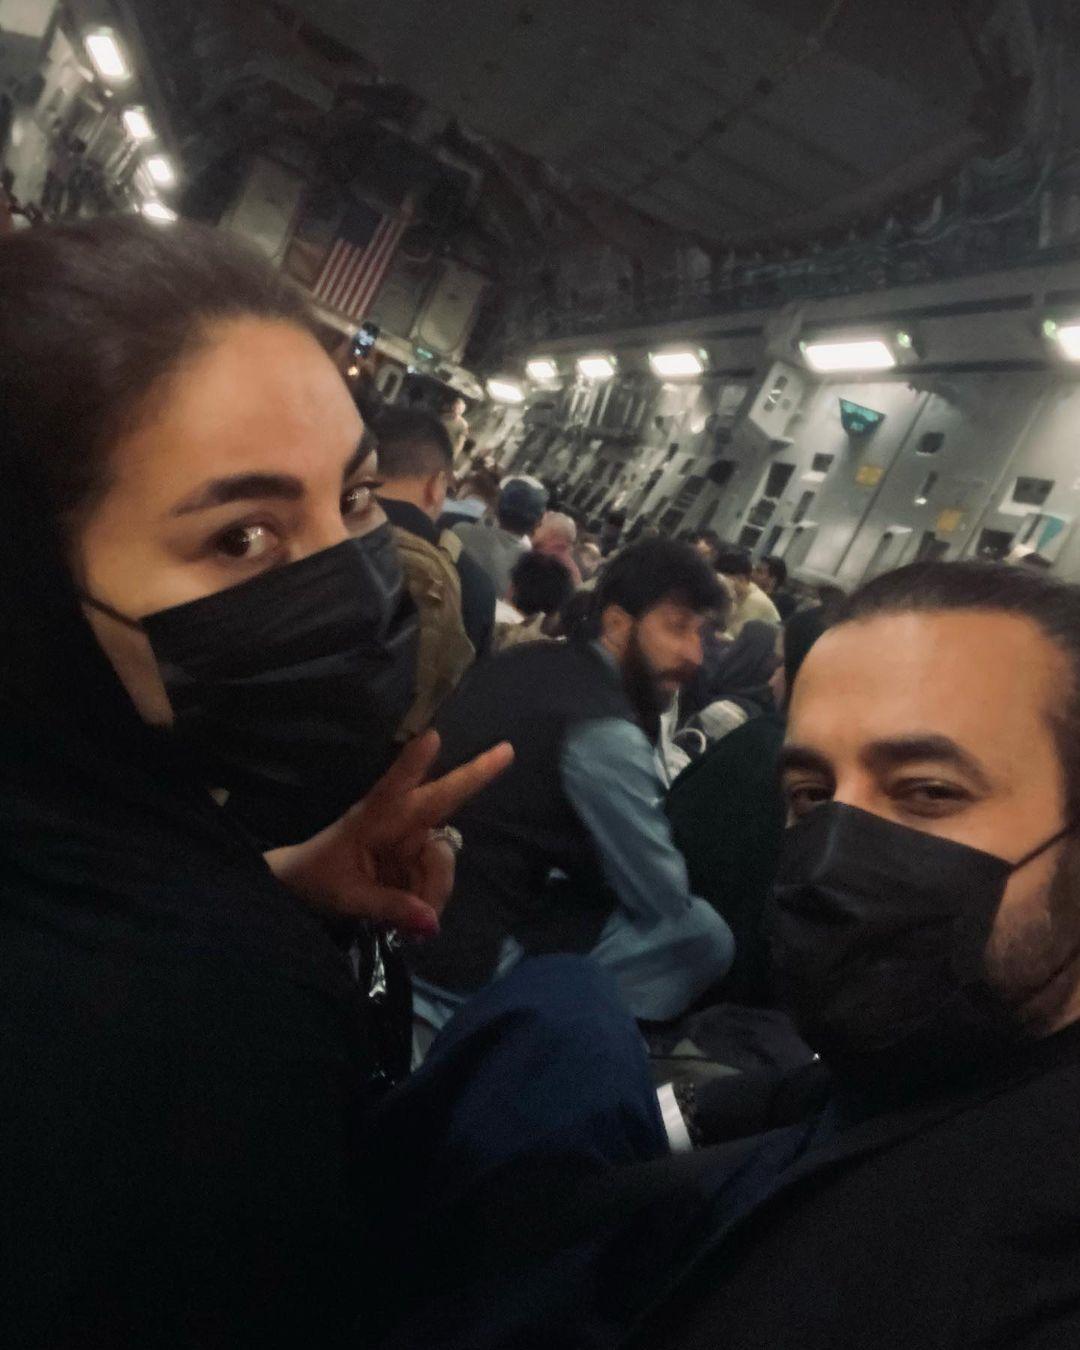 Ayana Saeed abordó un avión militar de la Fuerza Aérea de los EE. UU. Con su esposo